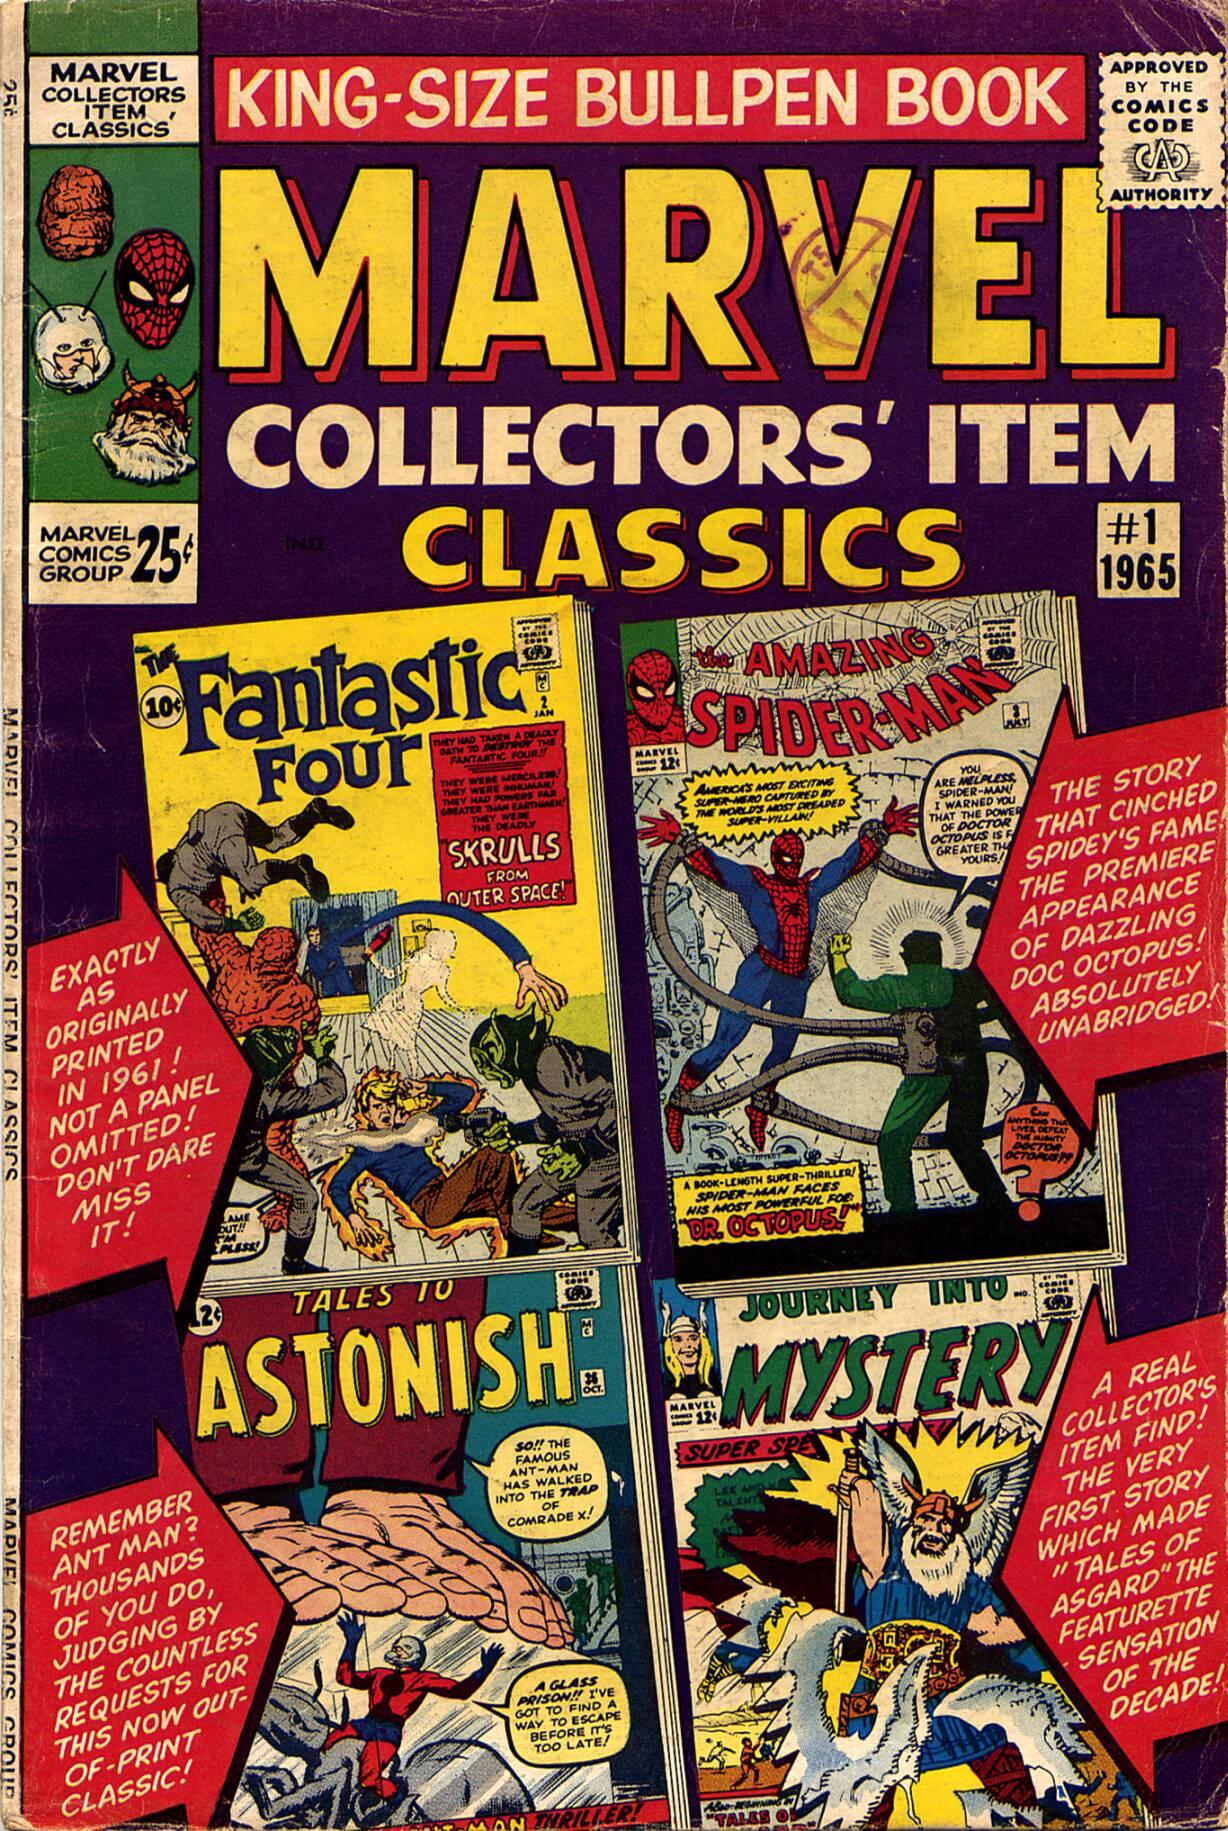 Marvel Collectors Item Classics 1 Page 1